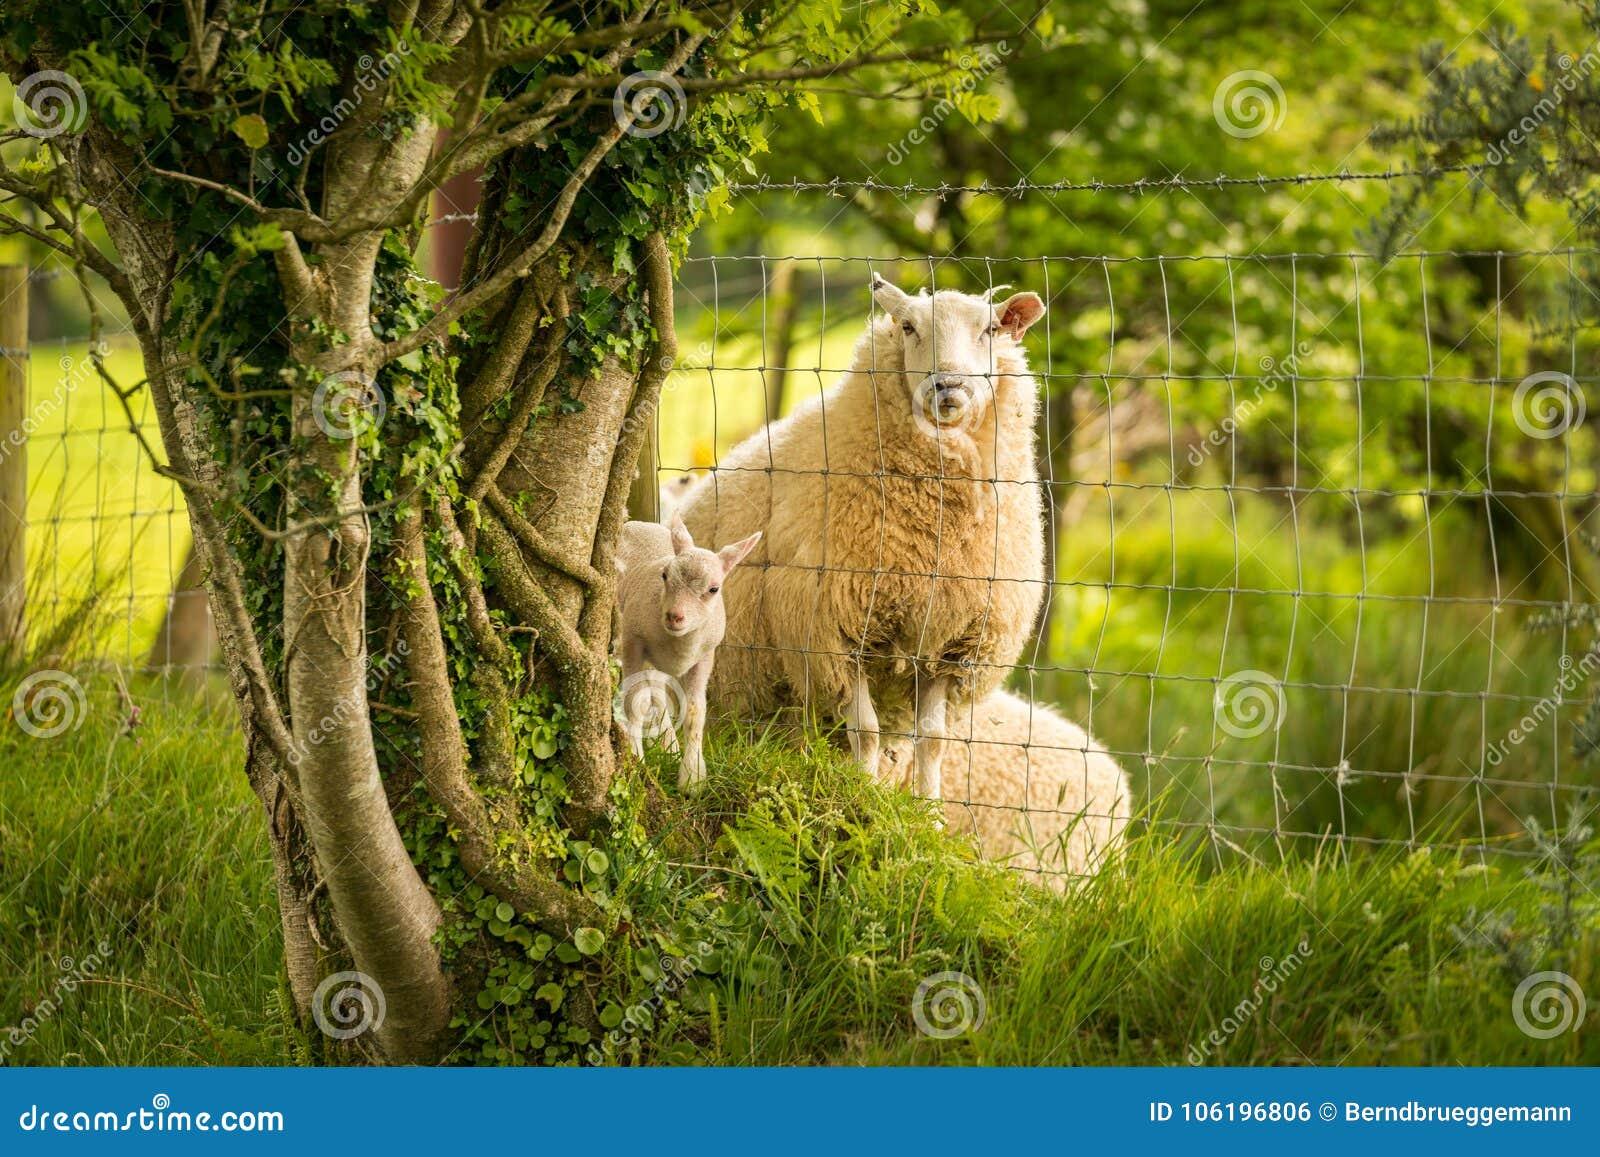 Lamm och får som delas av ett staket